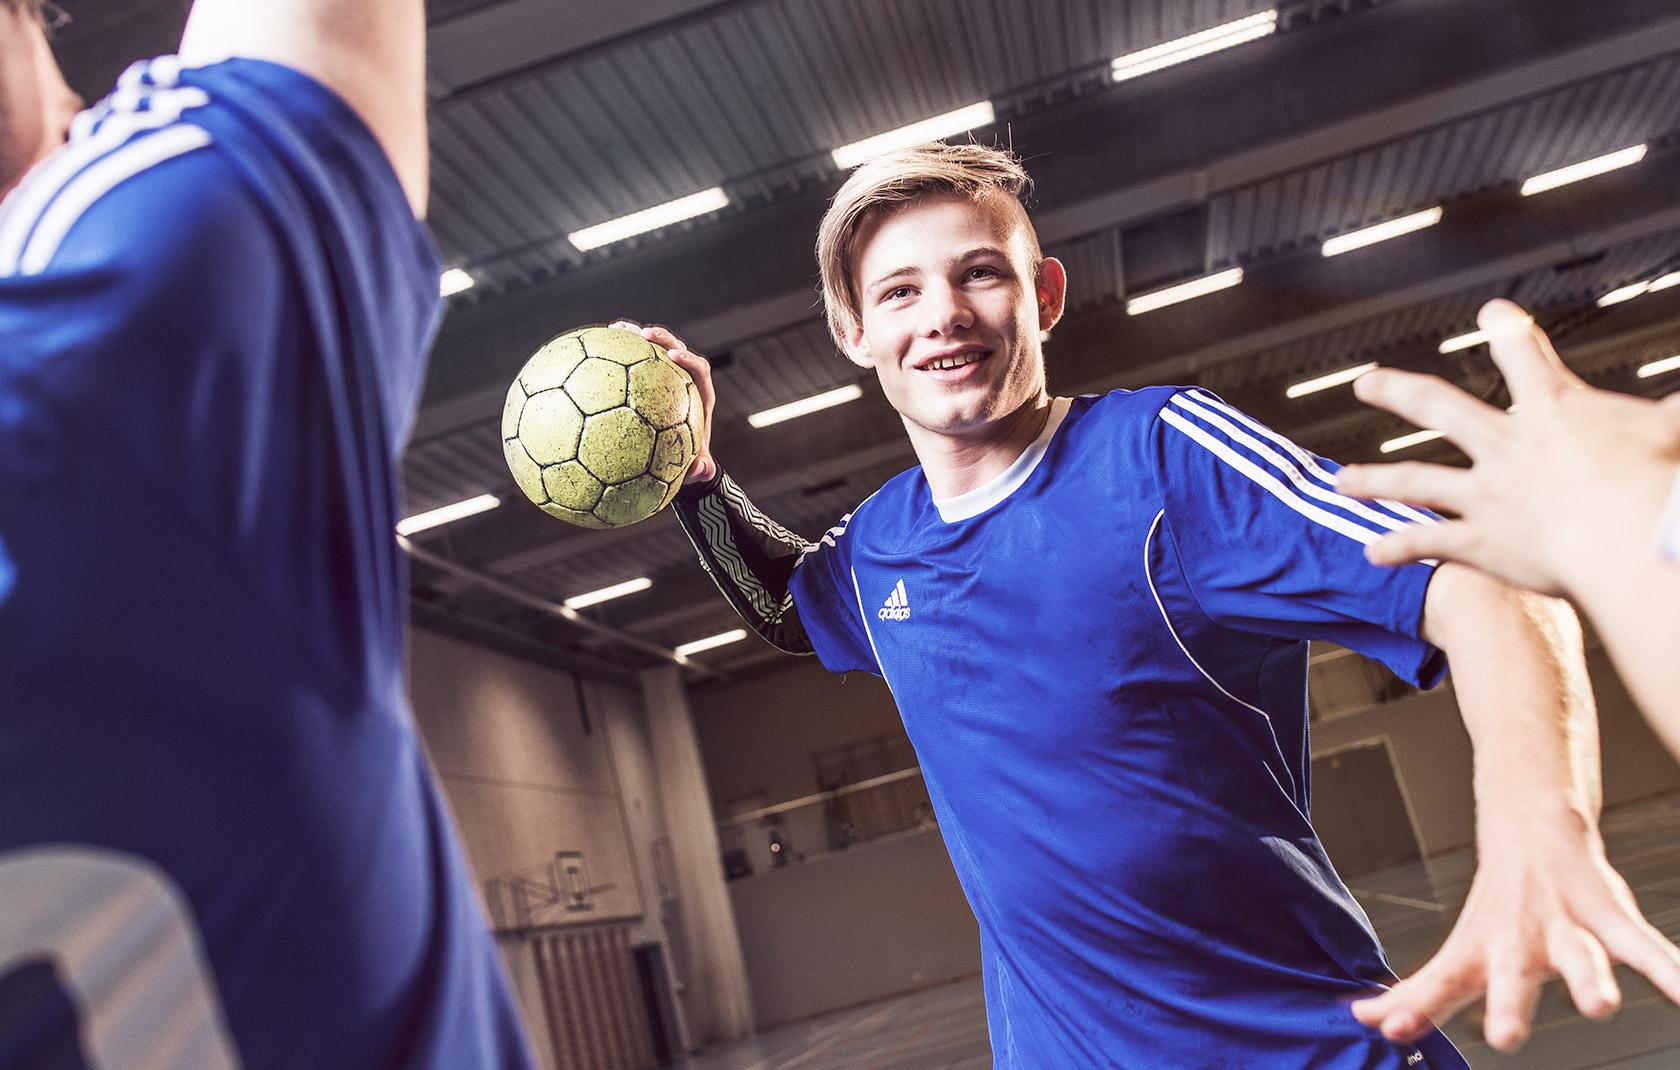 håndboldspiller klar til at skyde